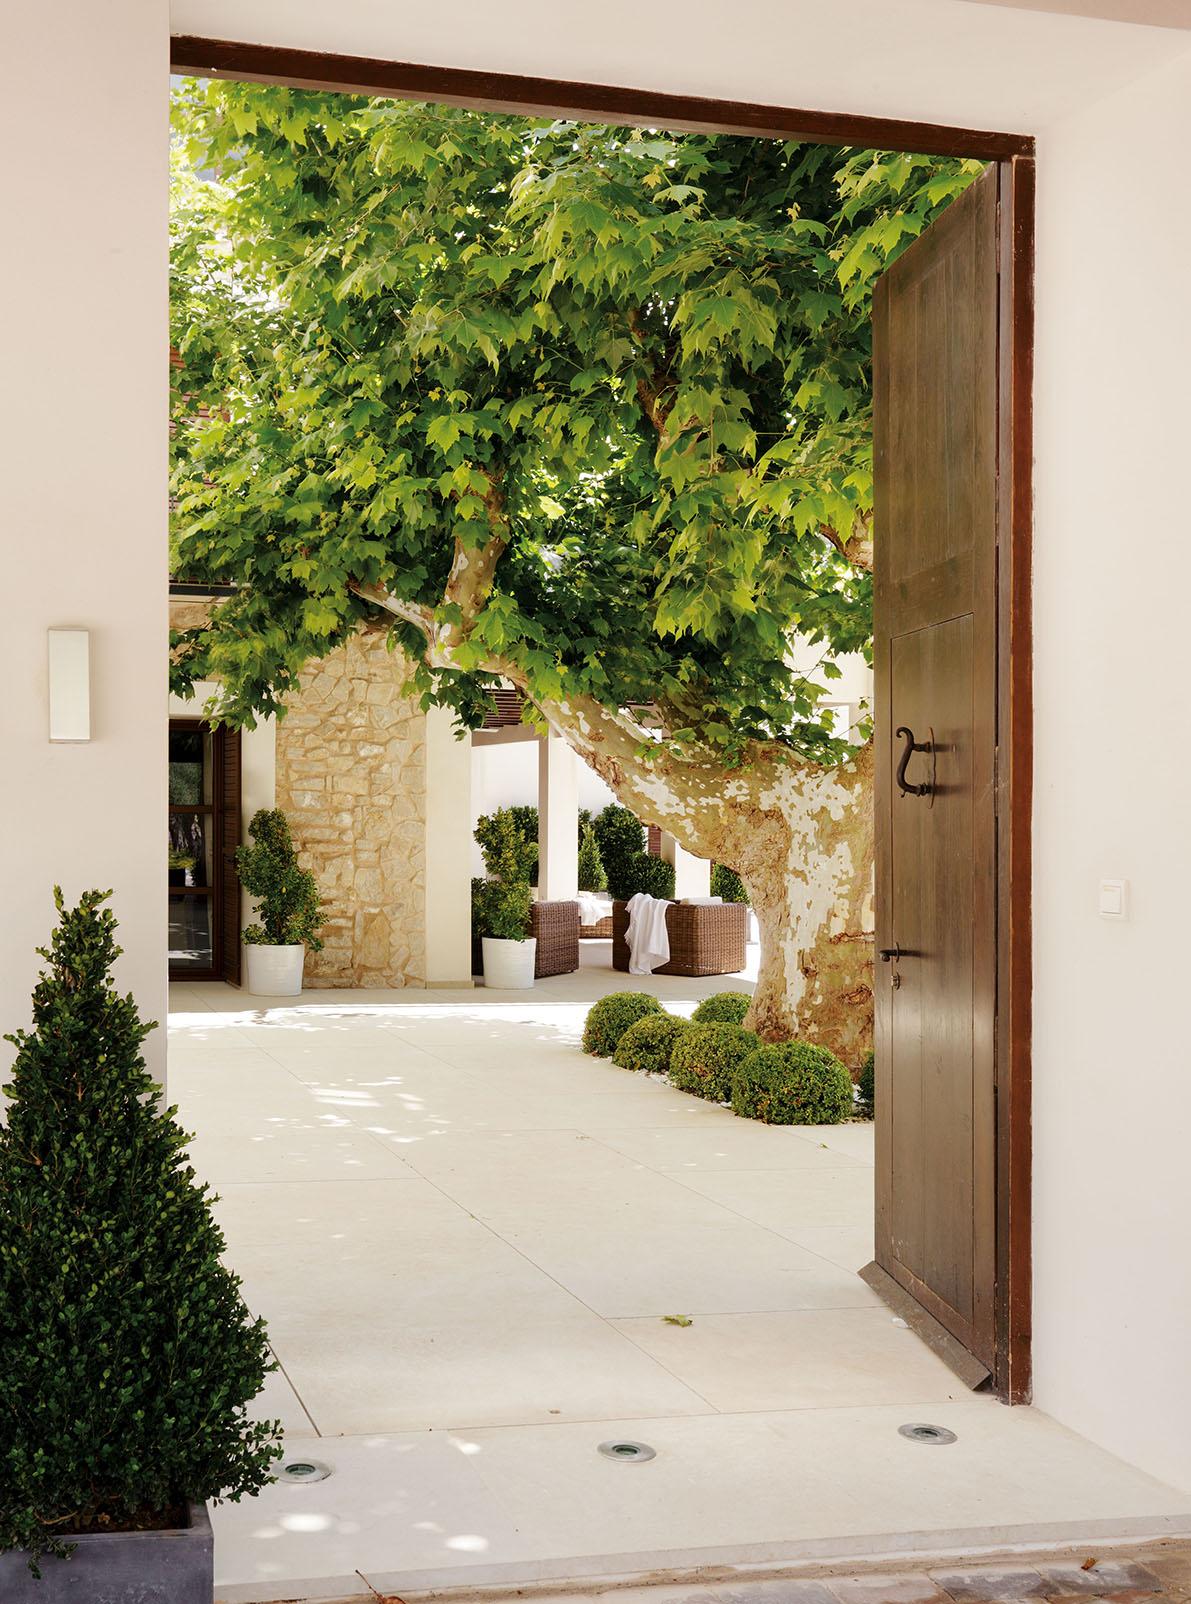 Fotos de una casa r stica por fuera y urbana por dentro - Ver casas decoradas por dentro ...